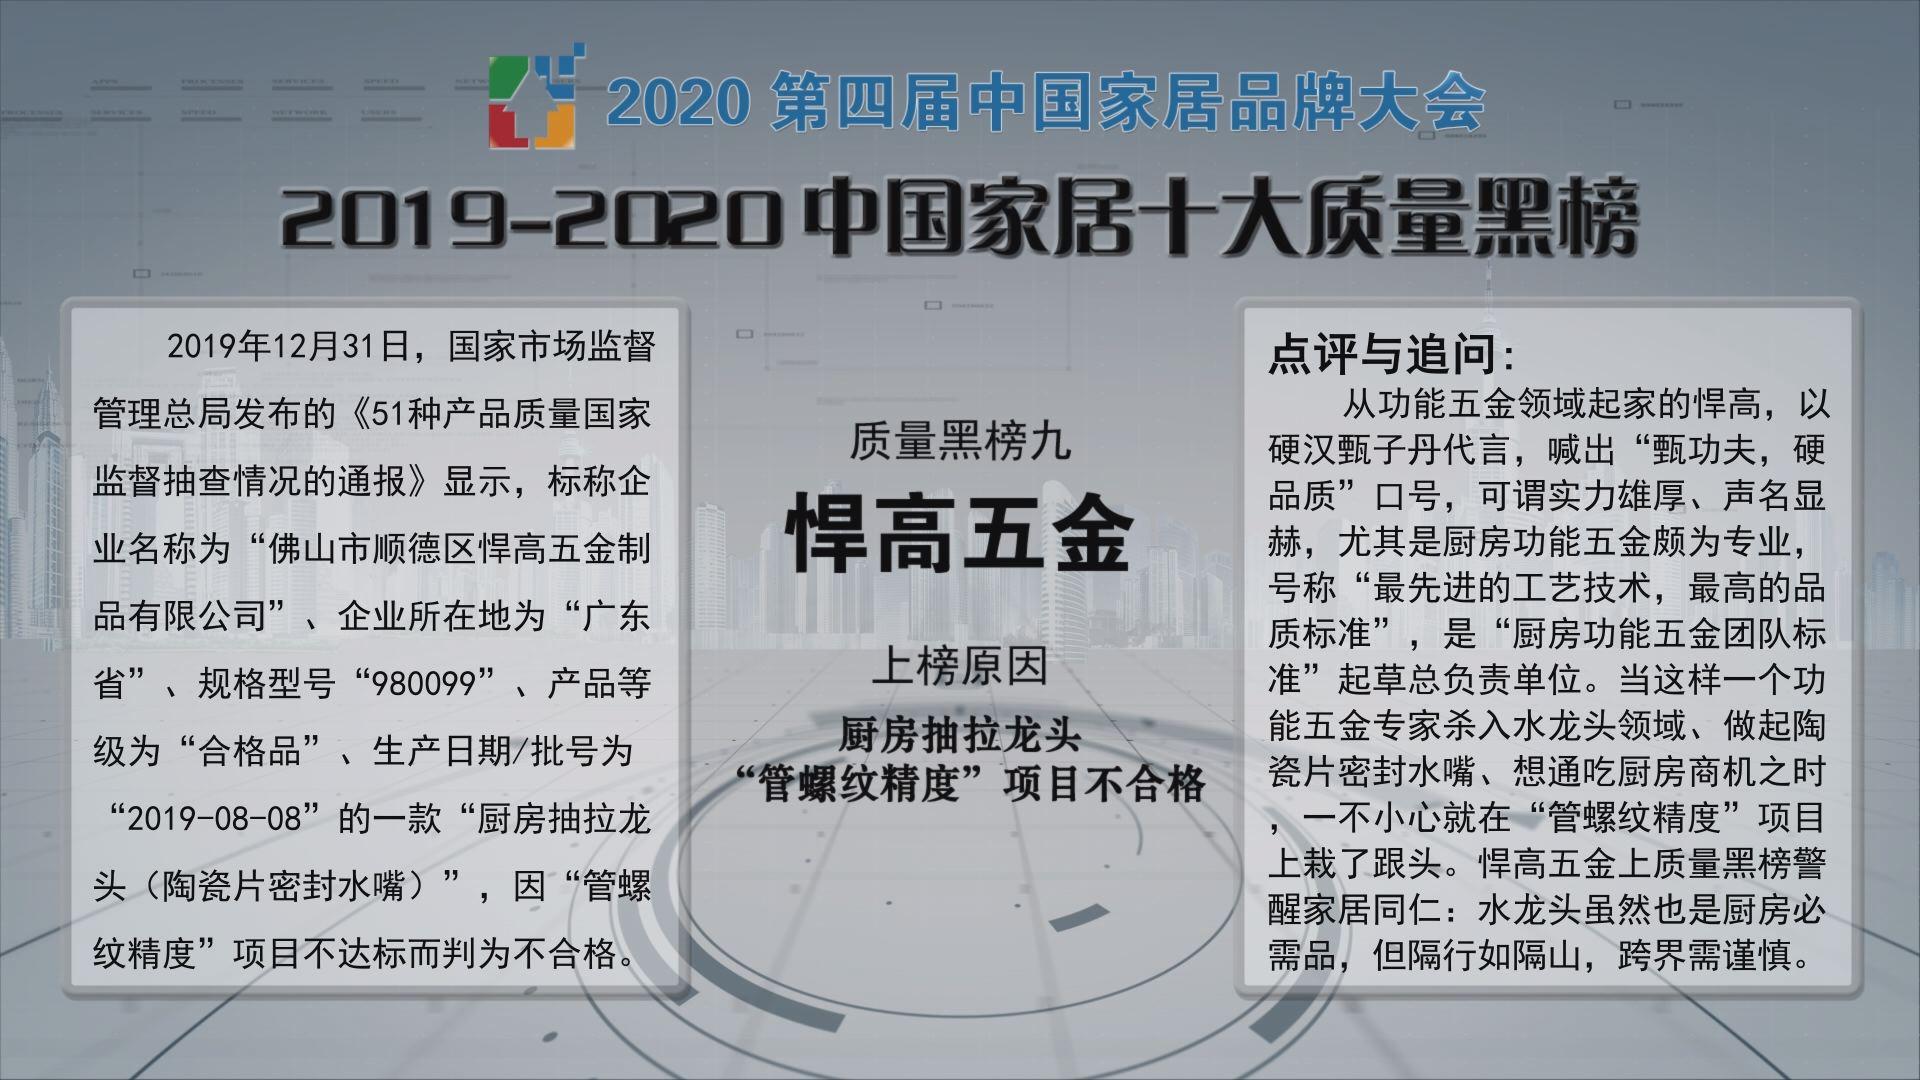 """悍高五金上榜""""2019-2020中国家居十大质量黑榜"""""""